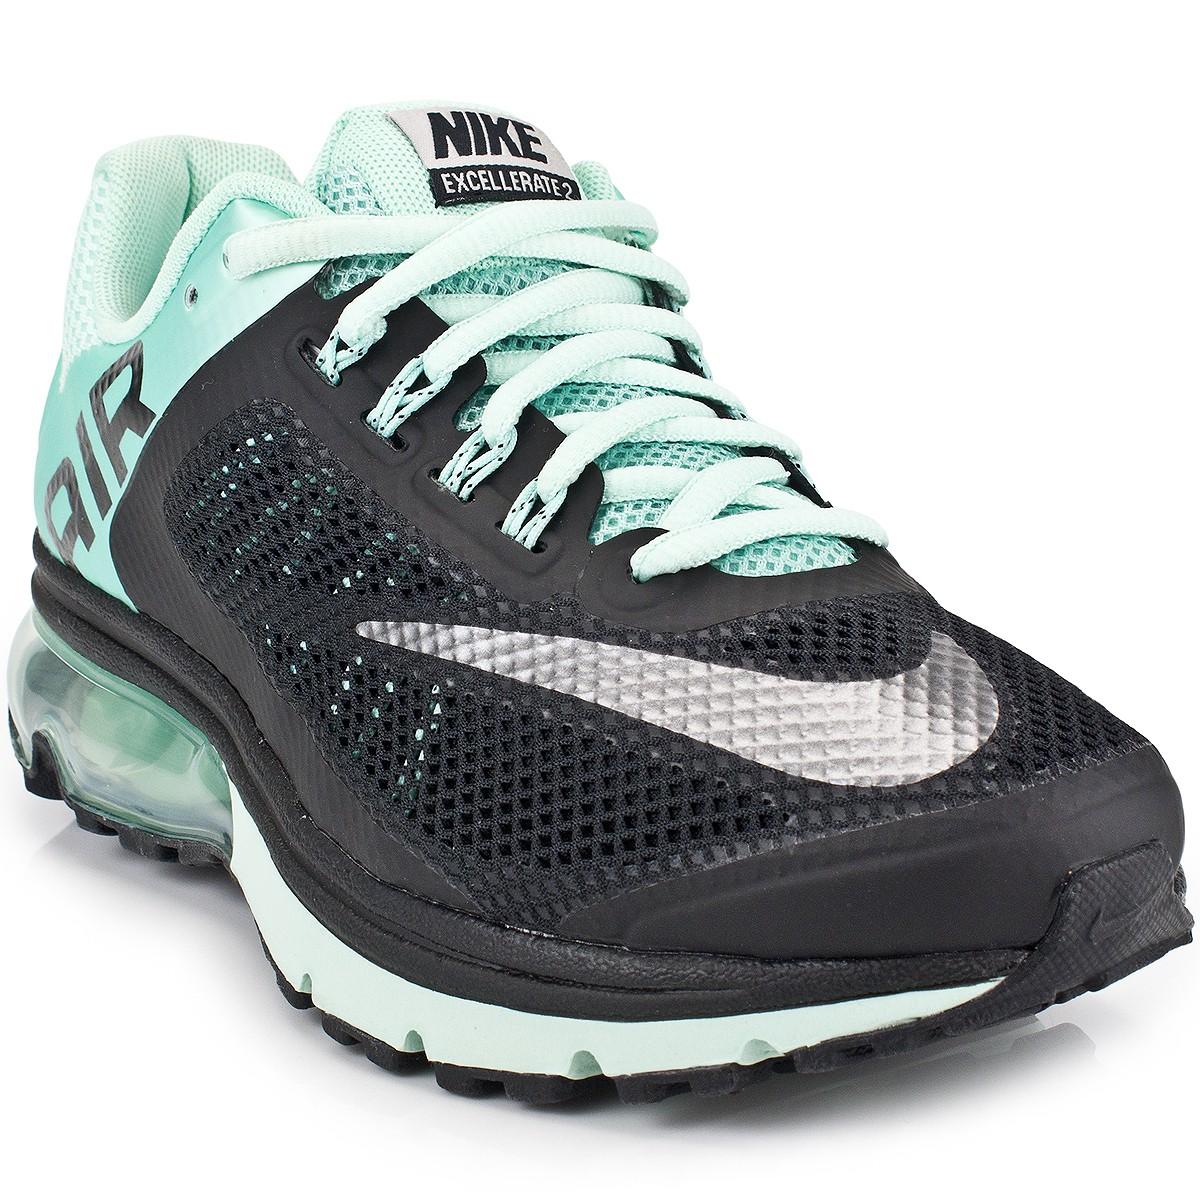 92adad0fa Tênis Nike Air Max Excellerate 2 W 555764